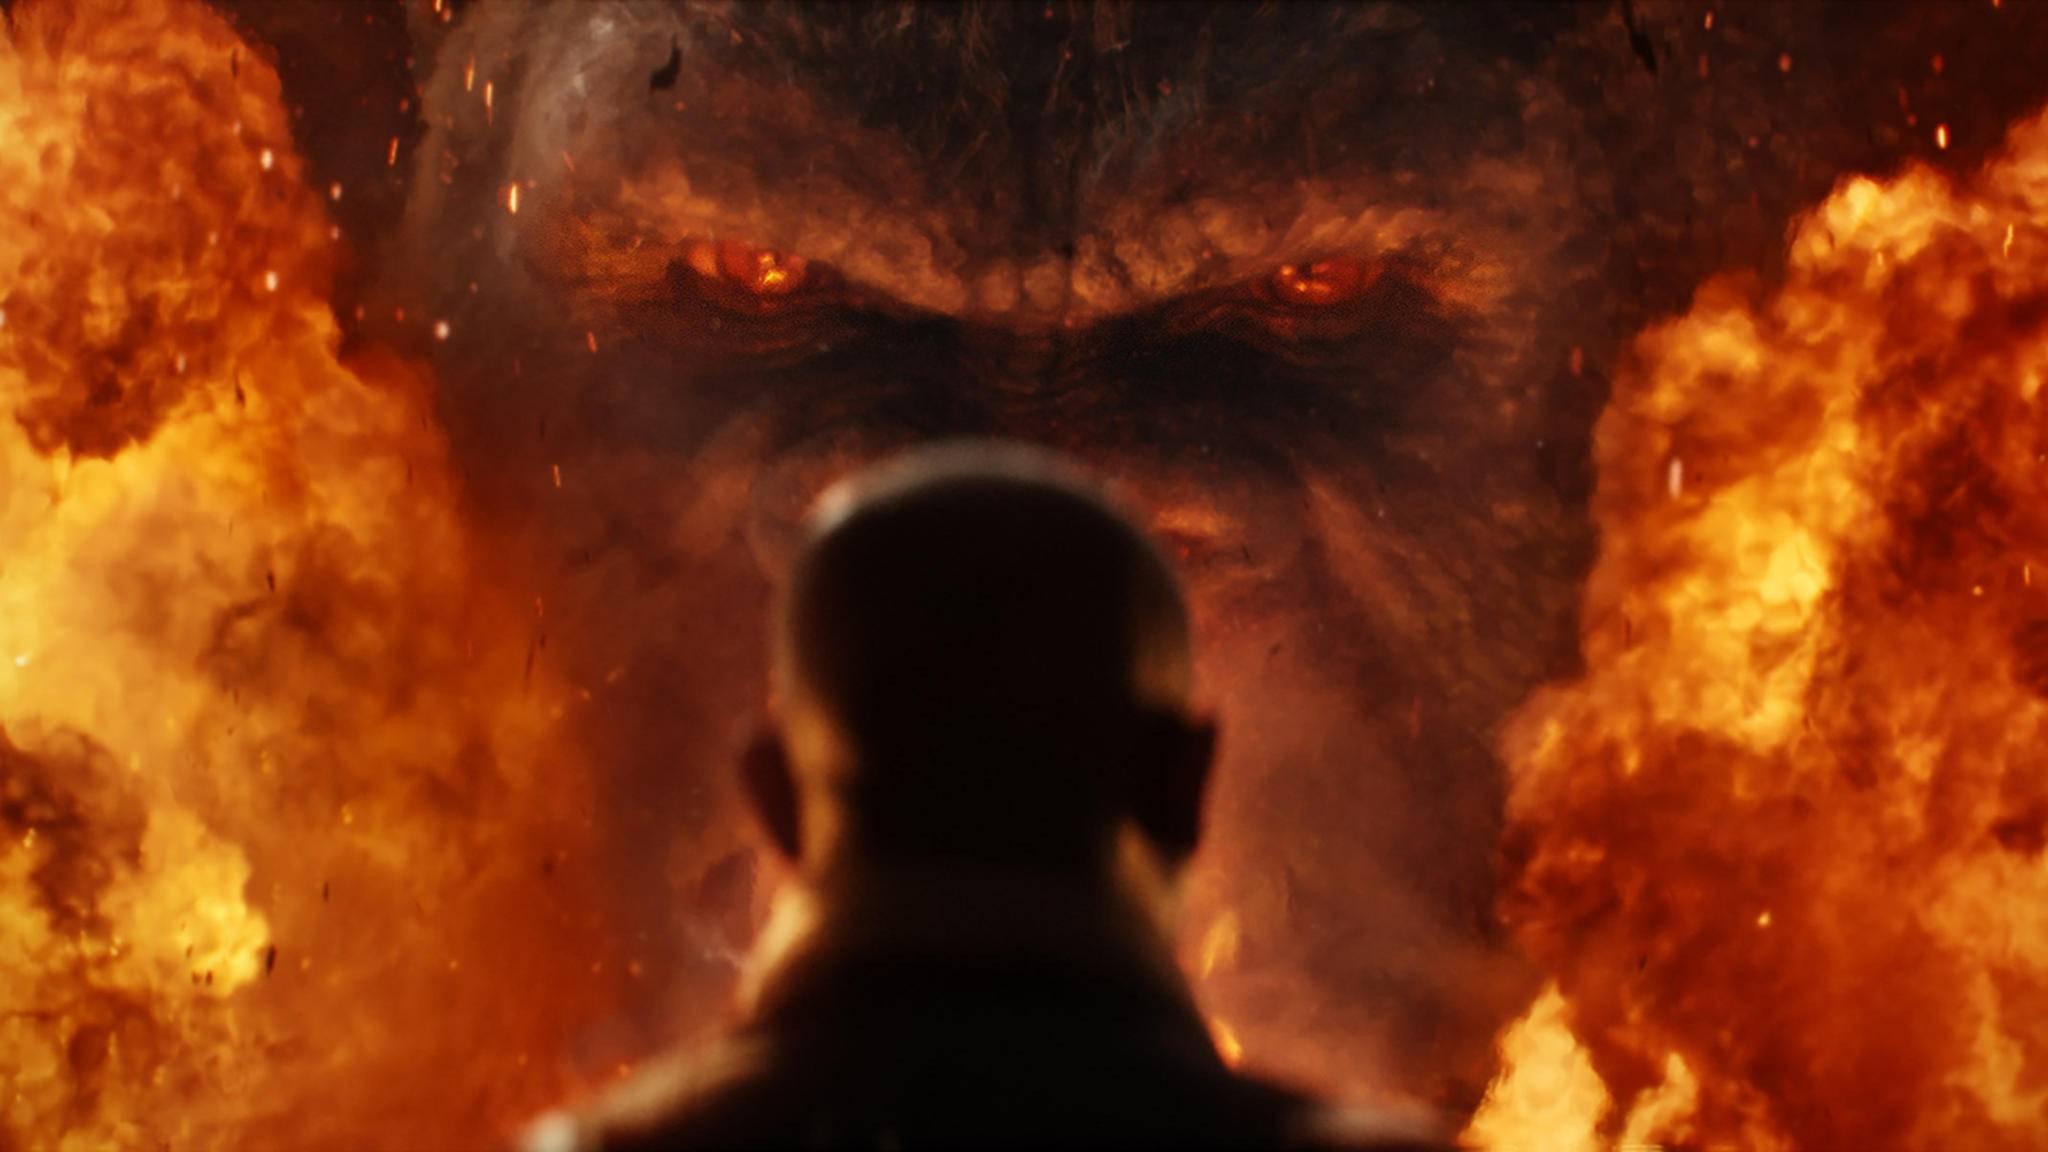 Groß, größer, Kong: Der König des Dschungels bekommt im neuen Trailer jede Menge Aufmerksamkeit.